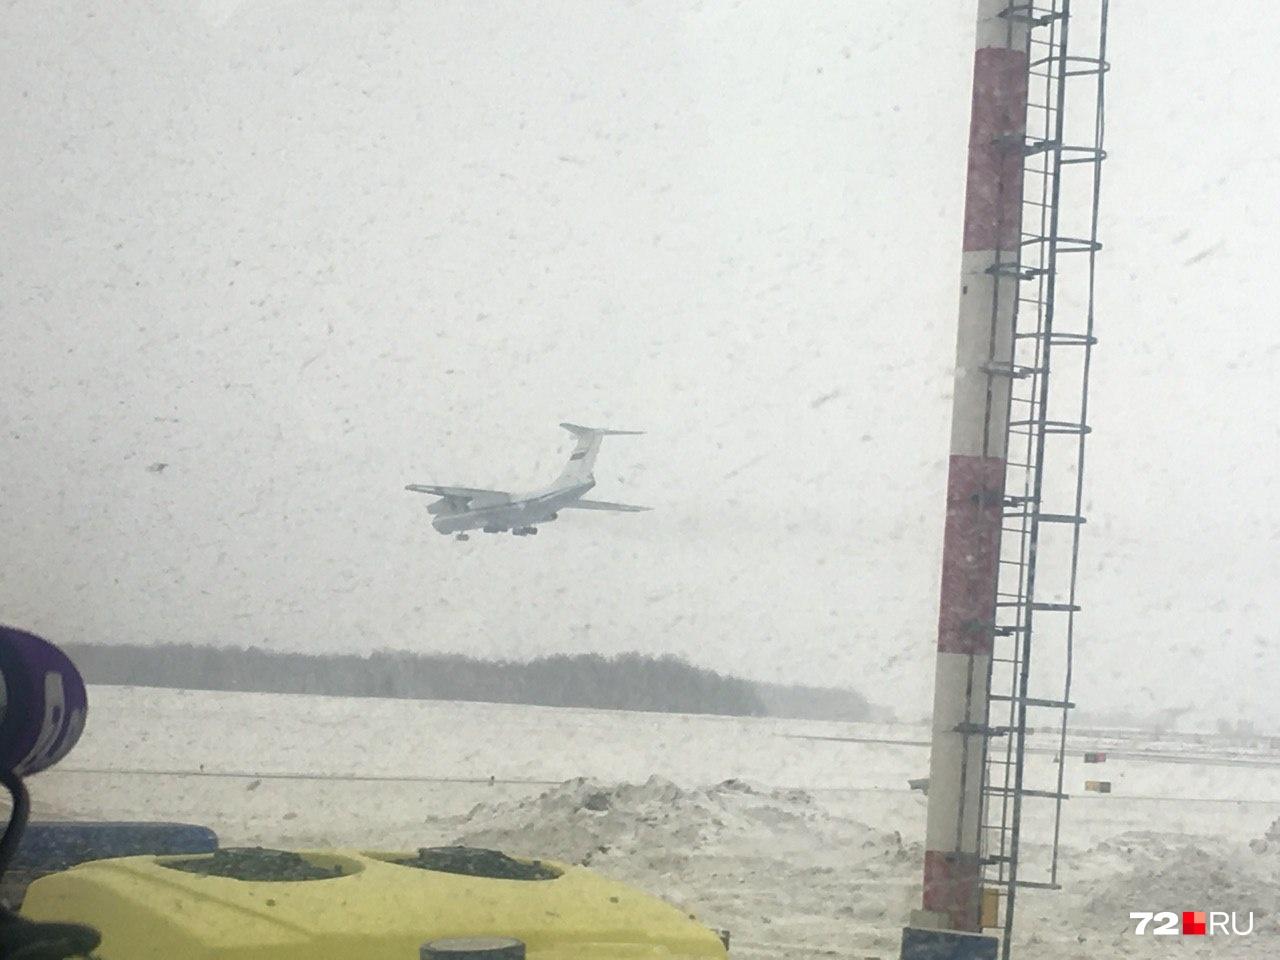 Военный борт садится в аэропорту Тюмени